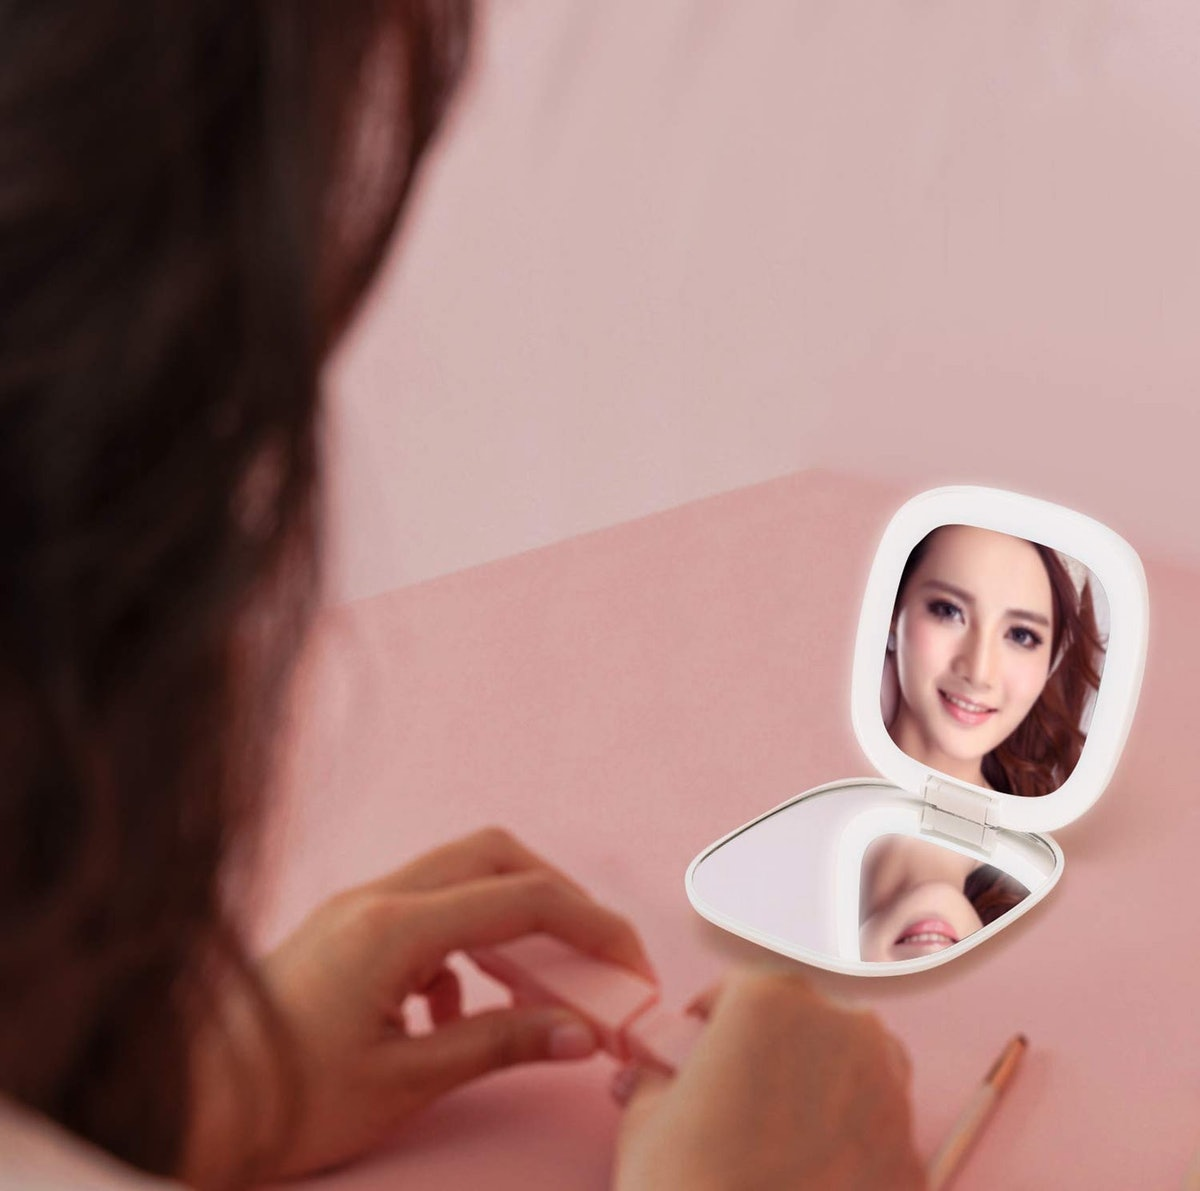 PINSOON LED Makeup Mirror